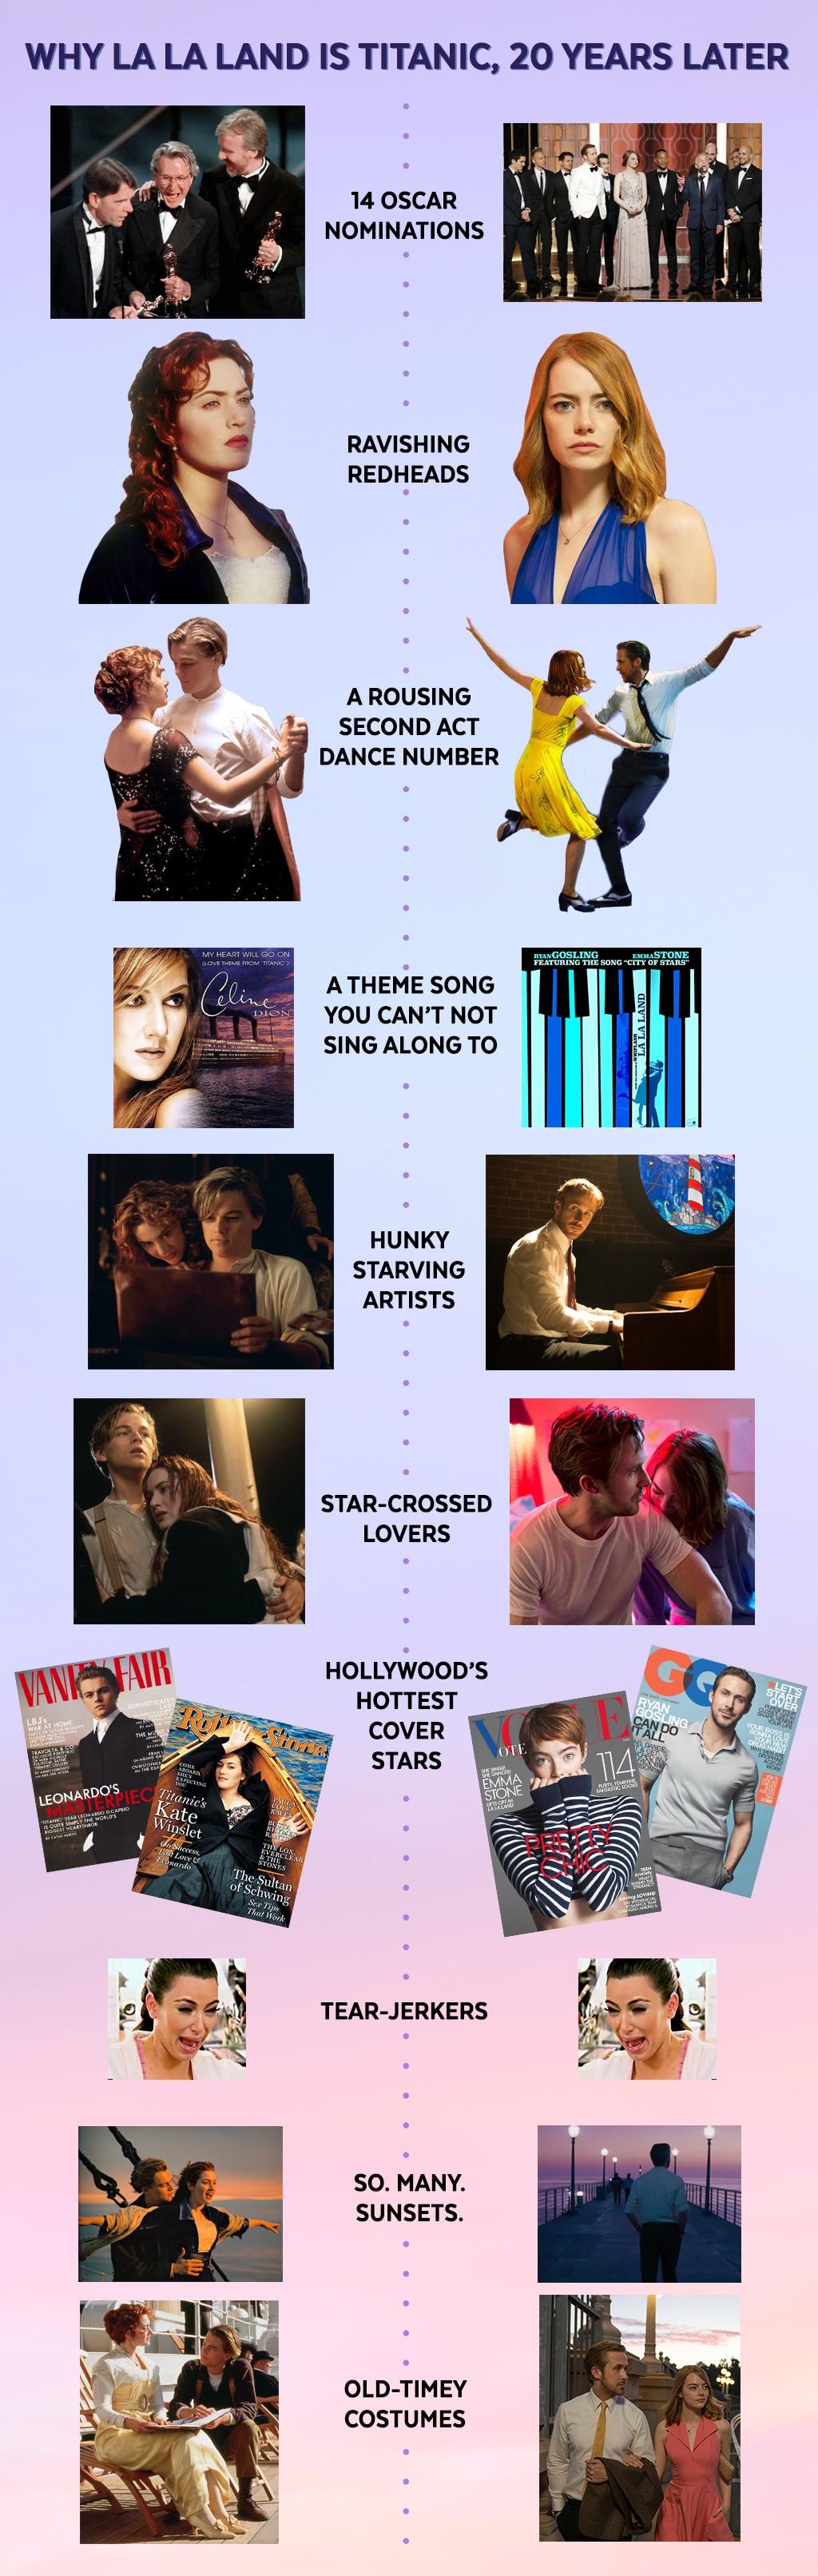 Titanic vs. La La Land